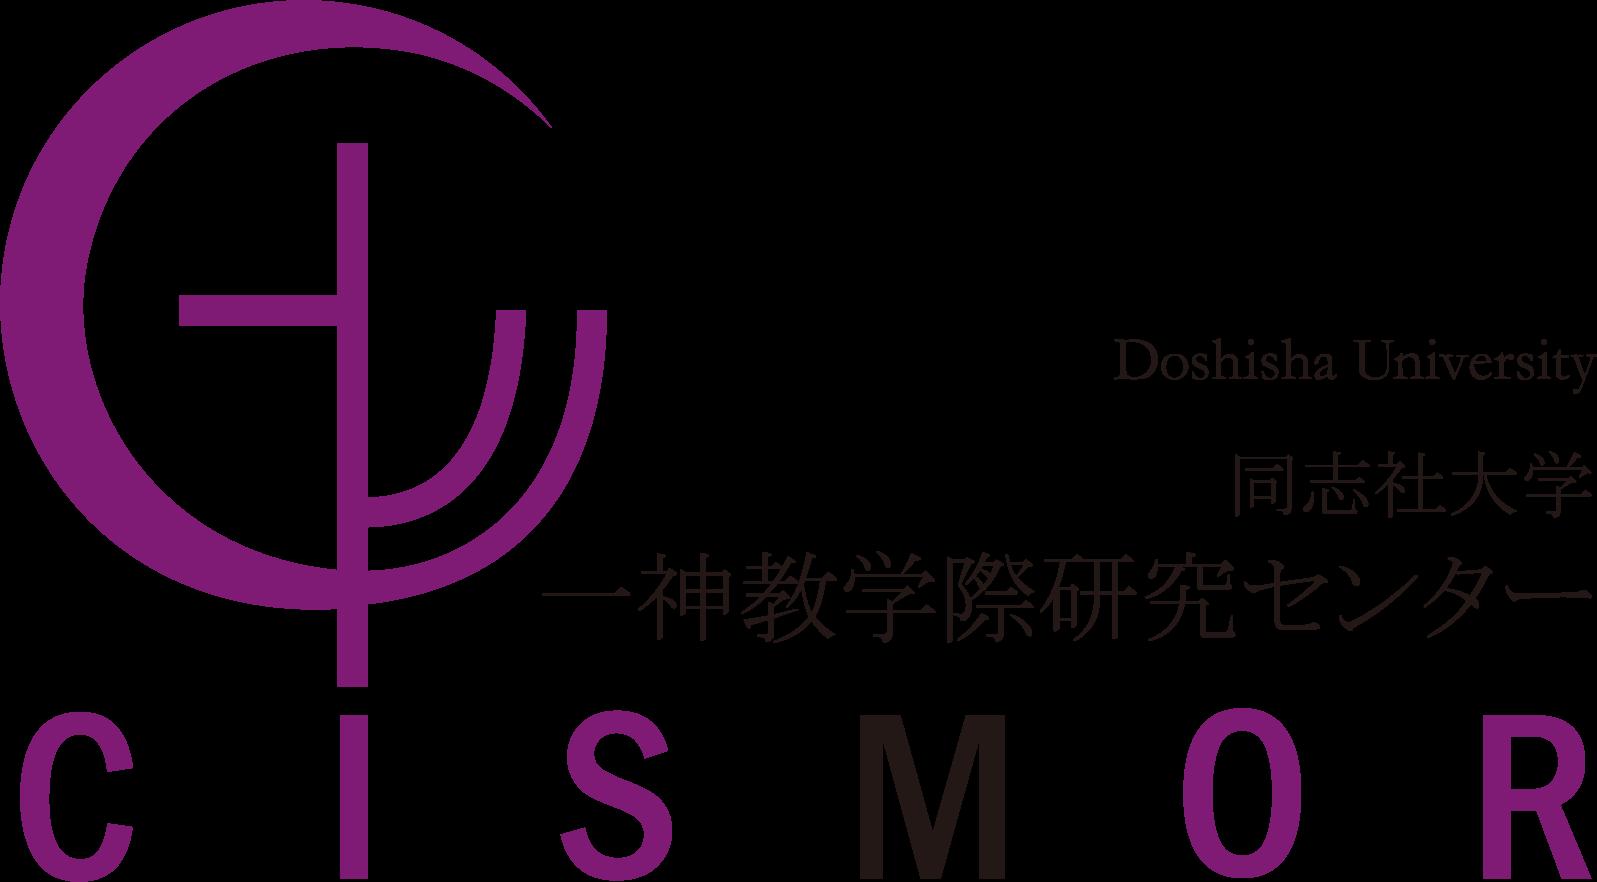 CISMORロゴ